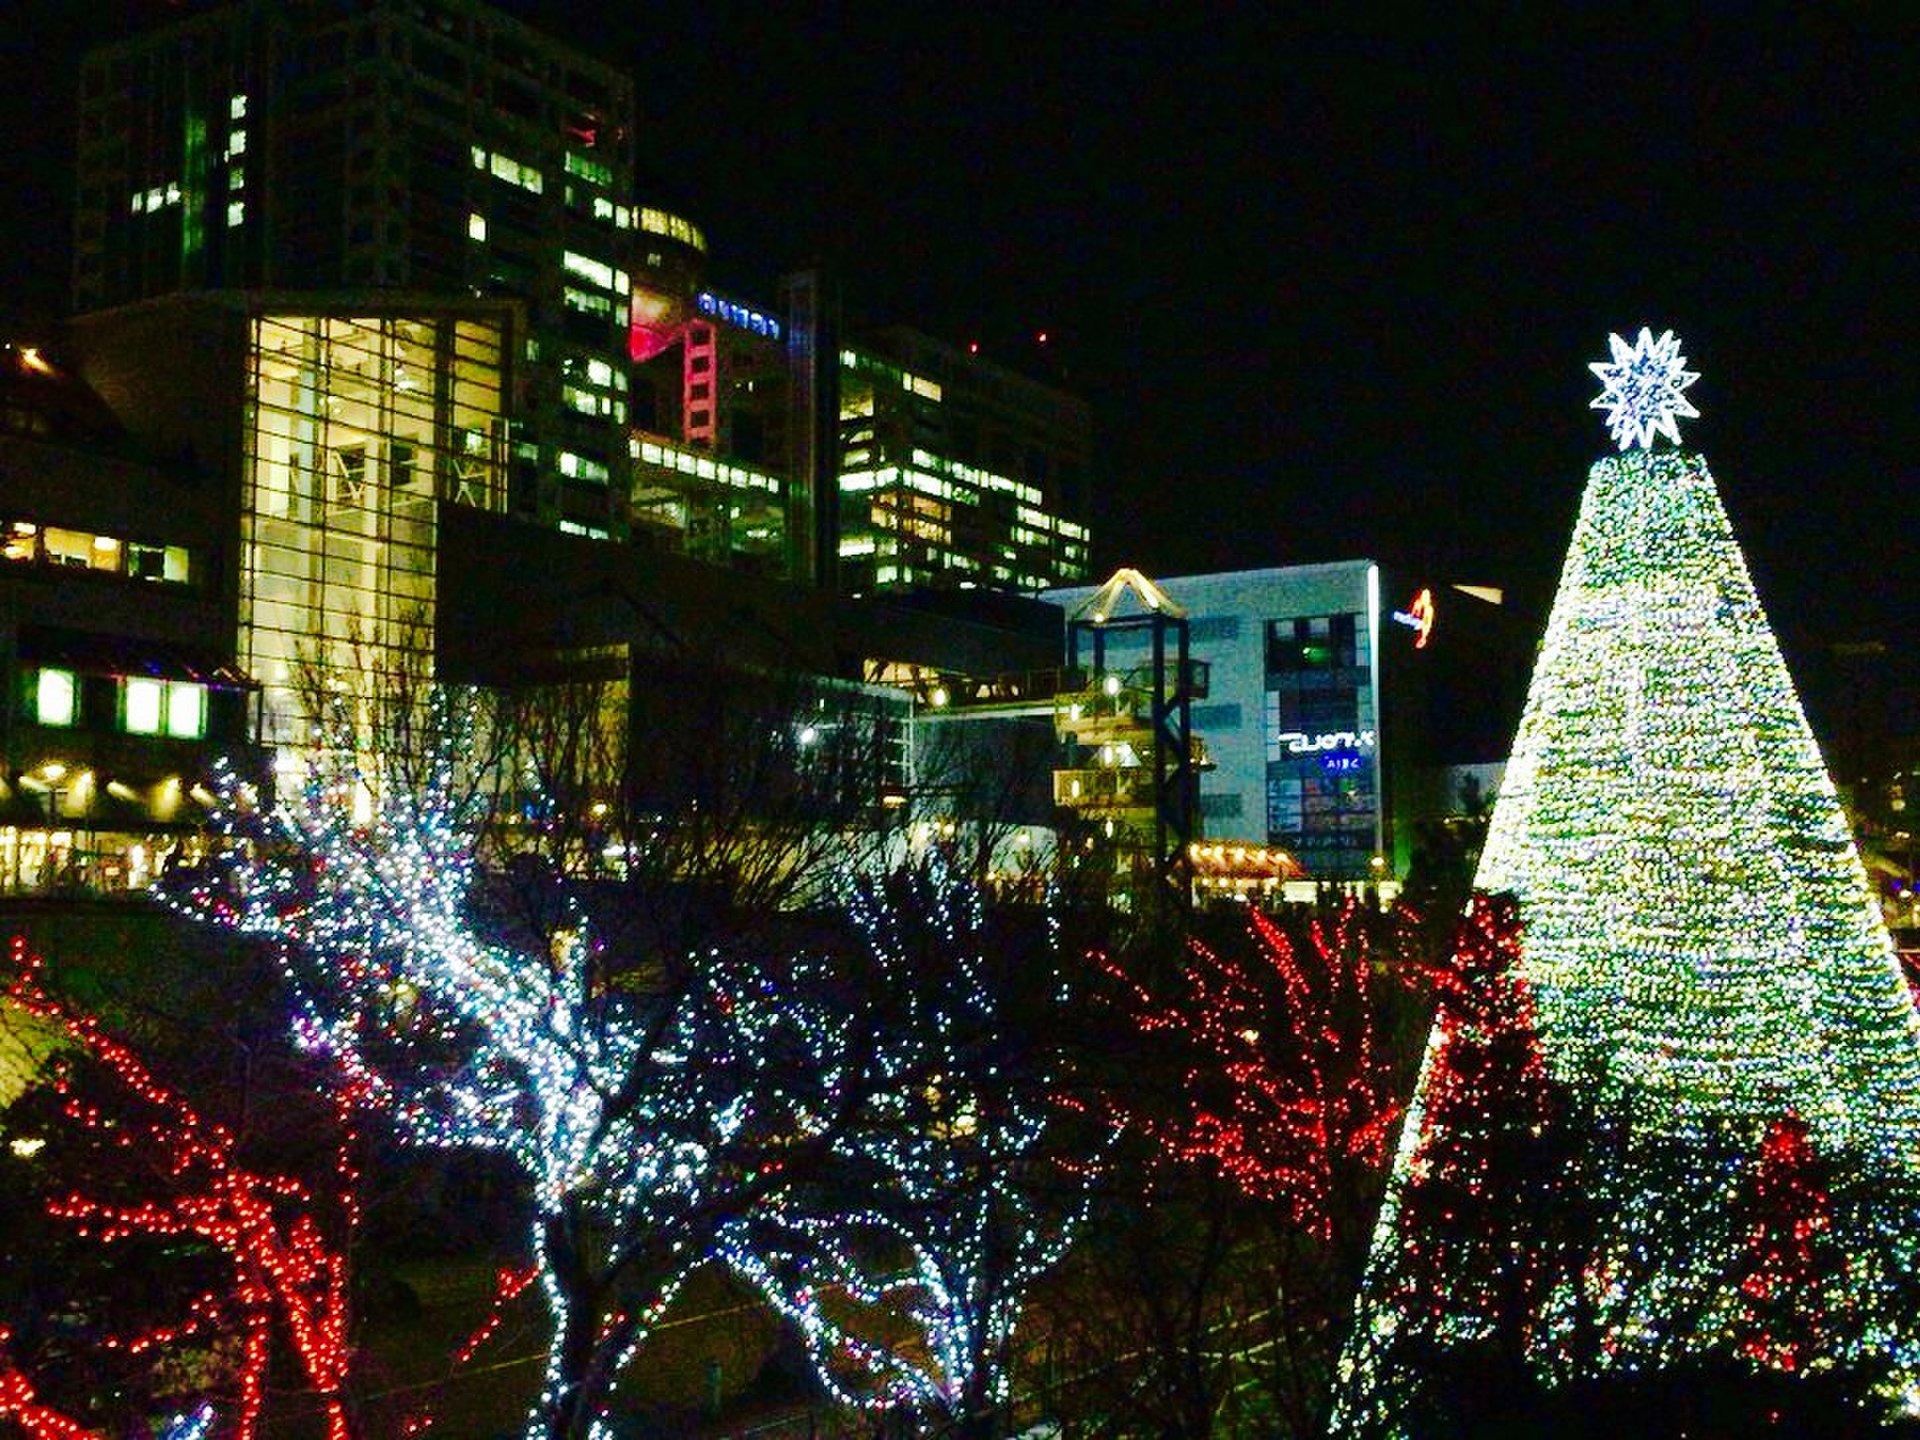 夜中にドライブがしたくなったら!冬の東京を満喫できる王道ドライブコース